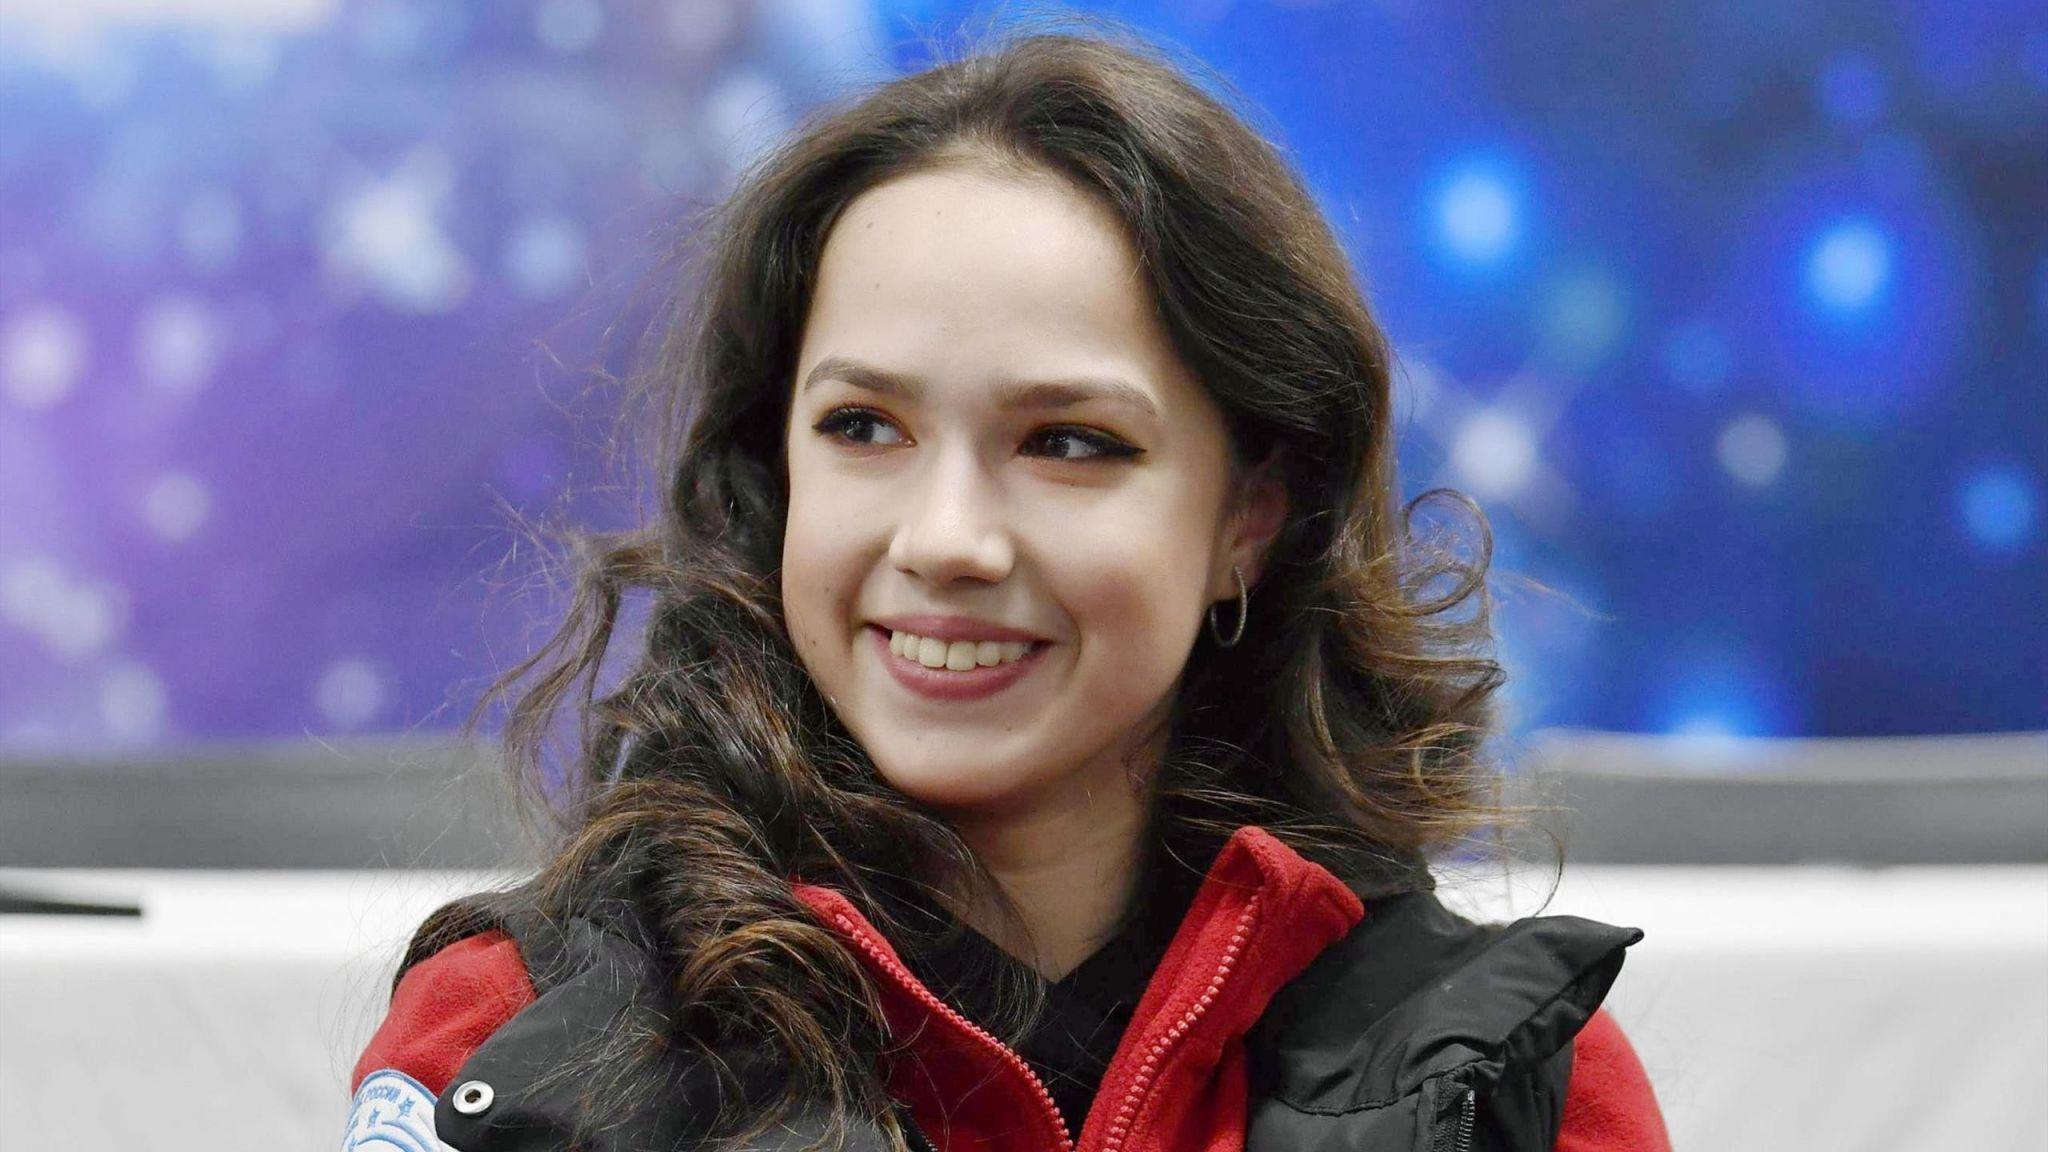 Загитова выложила фото в летнем образе